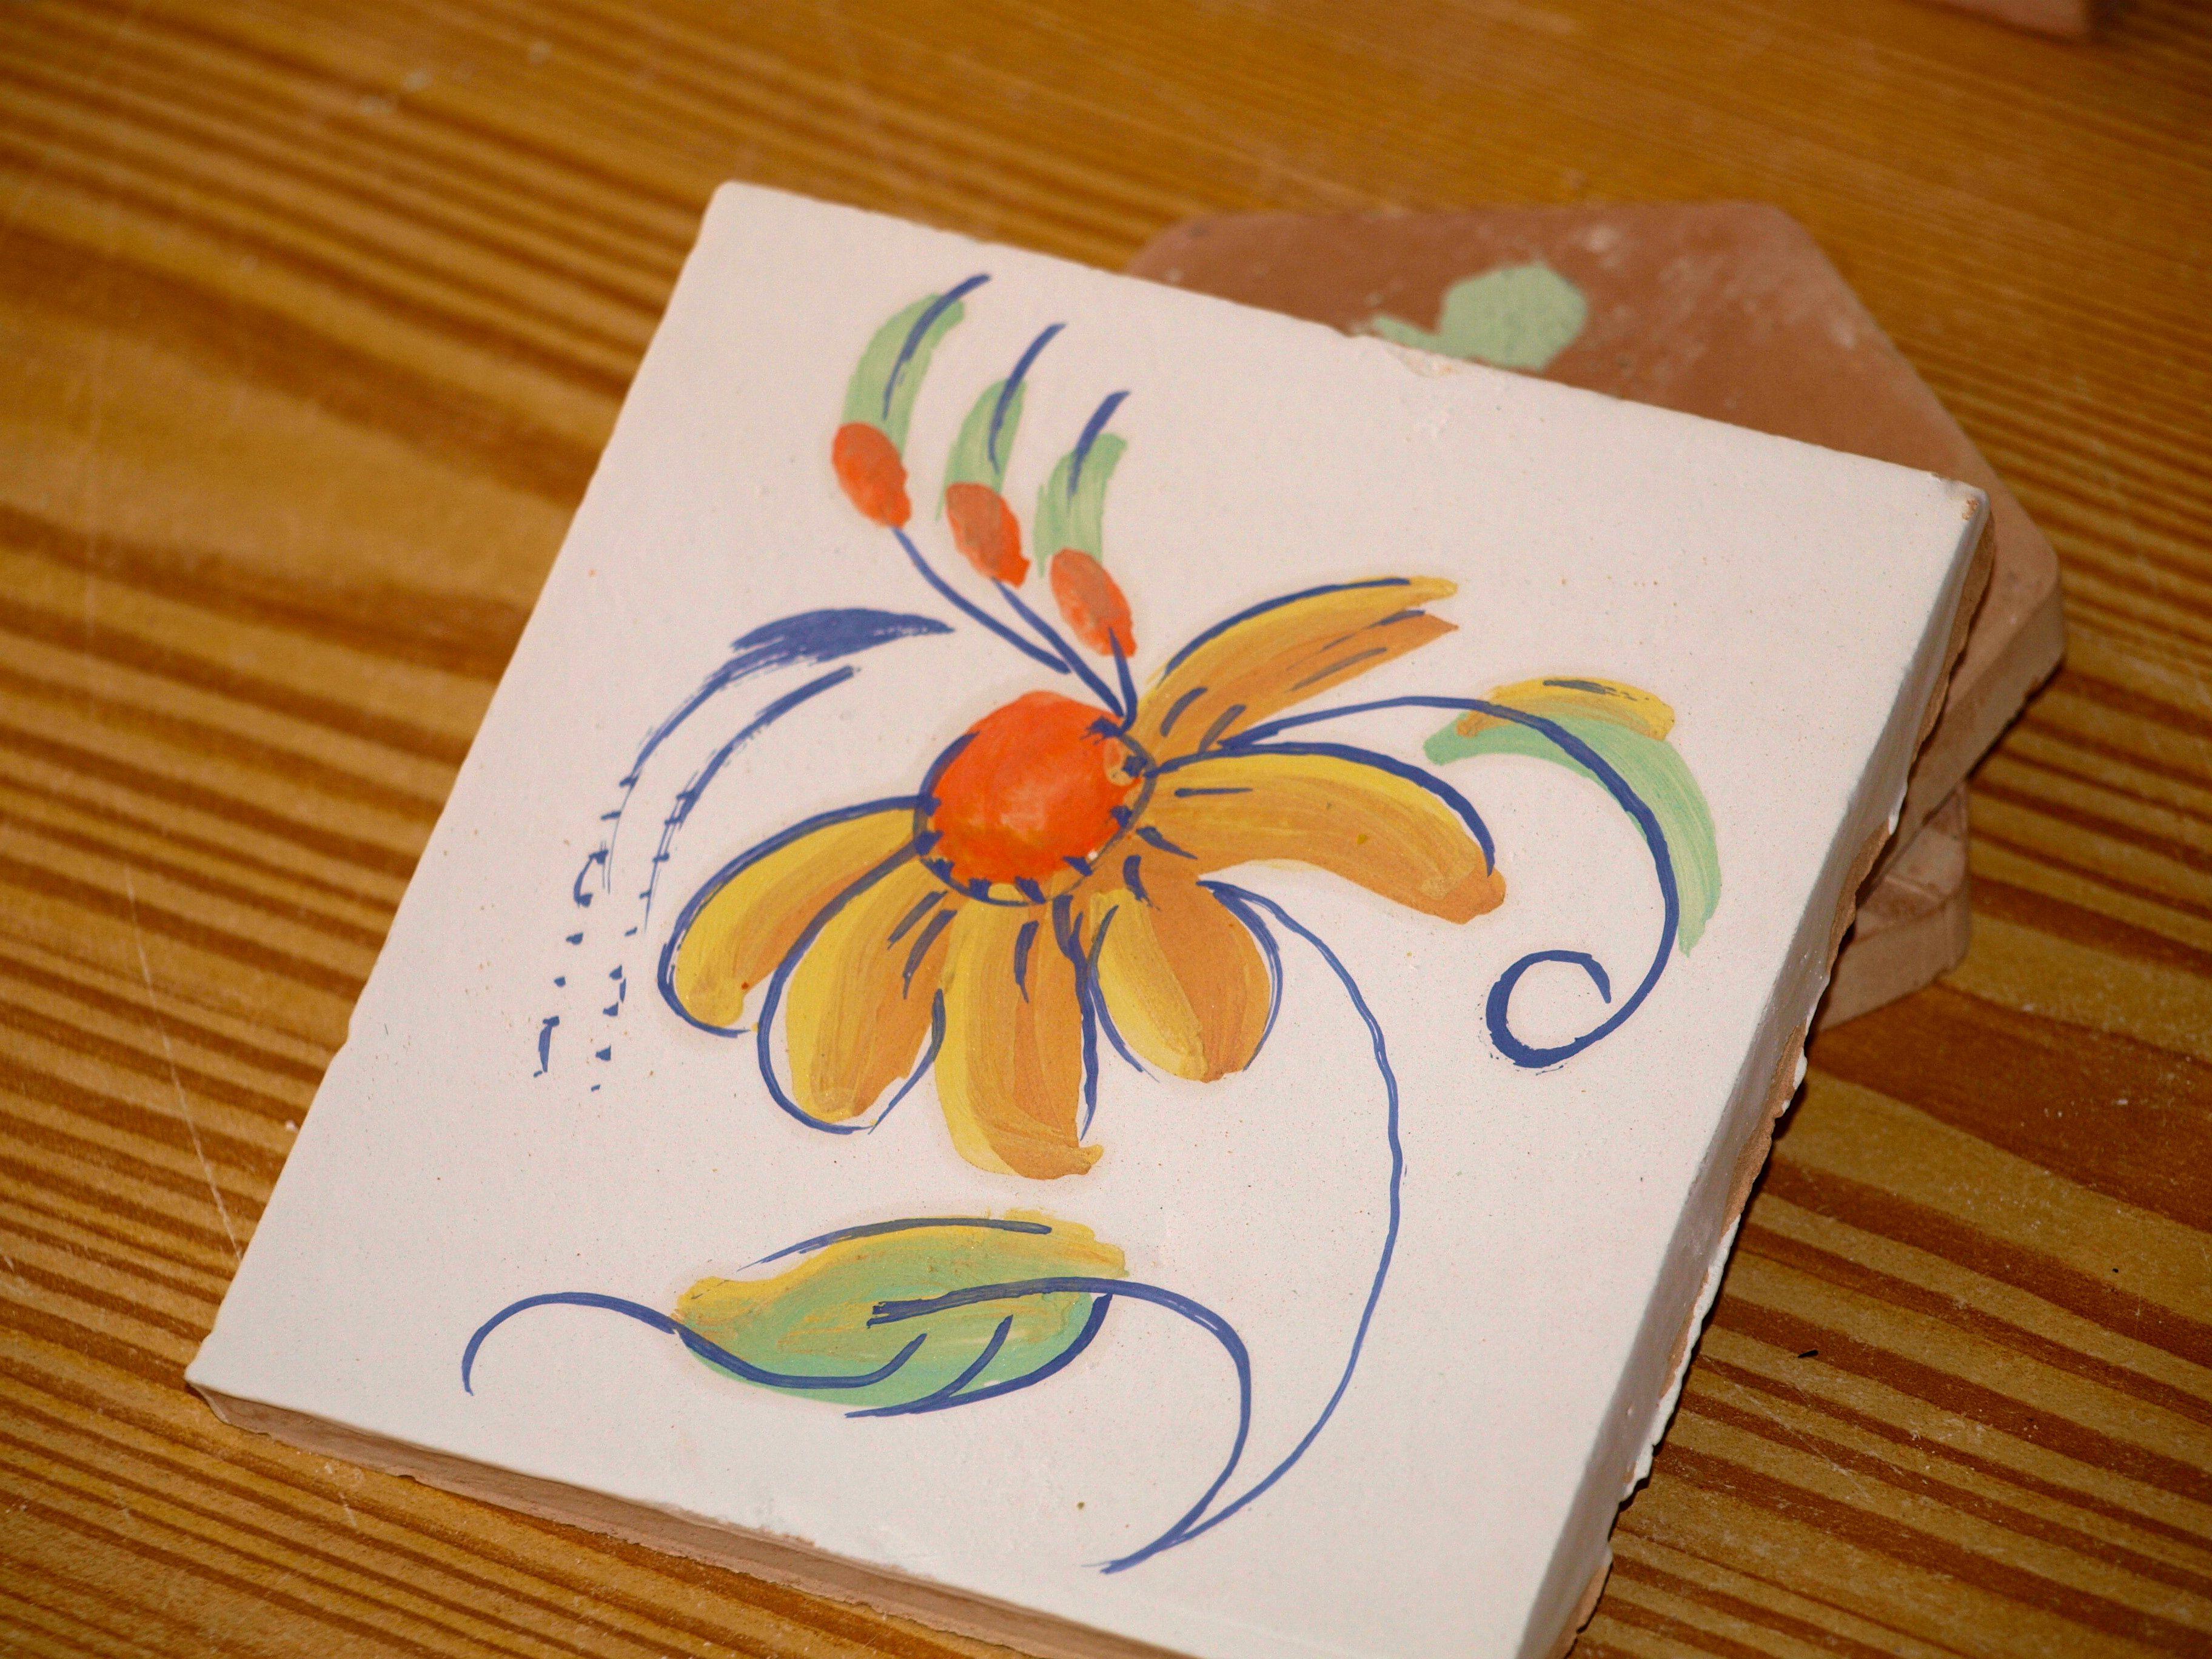 Proceso Pintura De Una Baldosa Con Un Dibujo Libre Paso 9 Pintura De Unas Libro Dibujo Baldosas